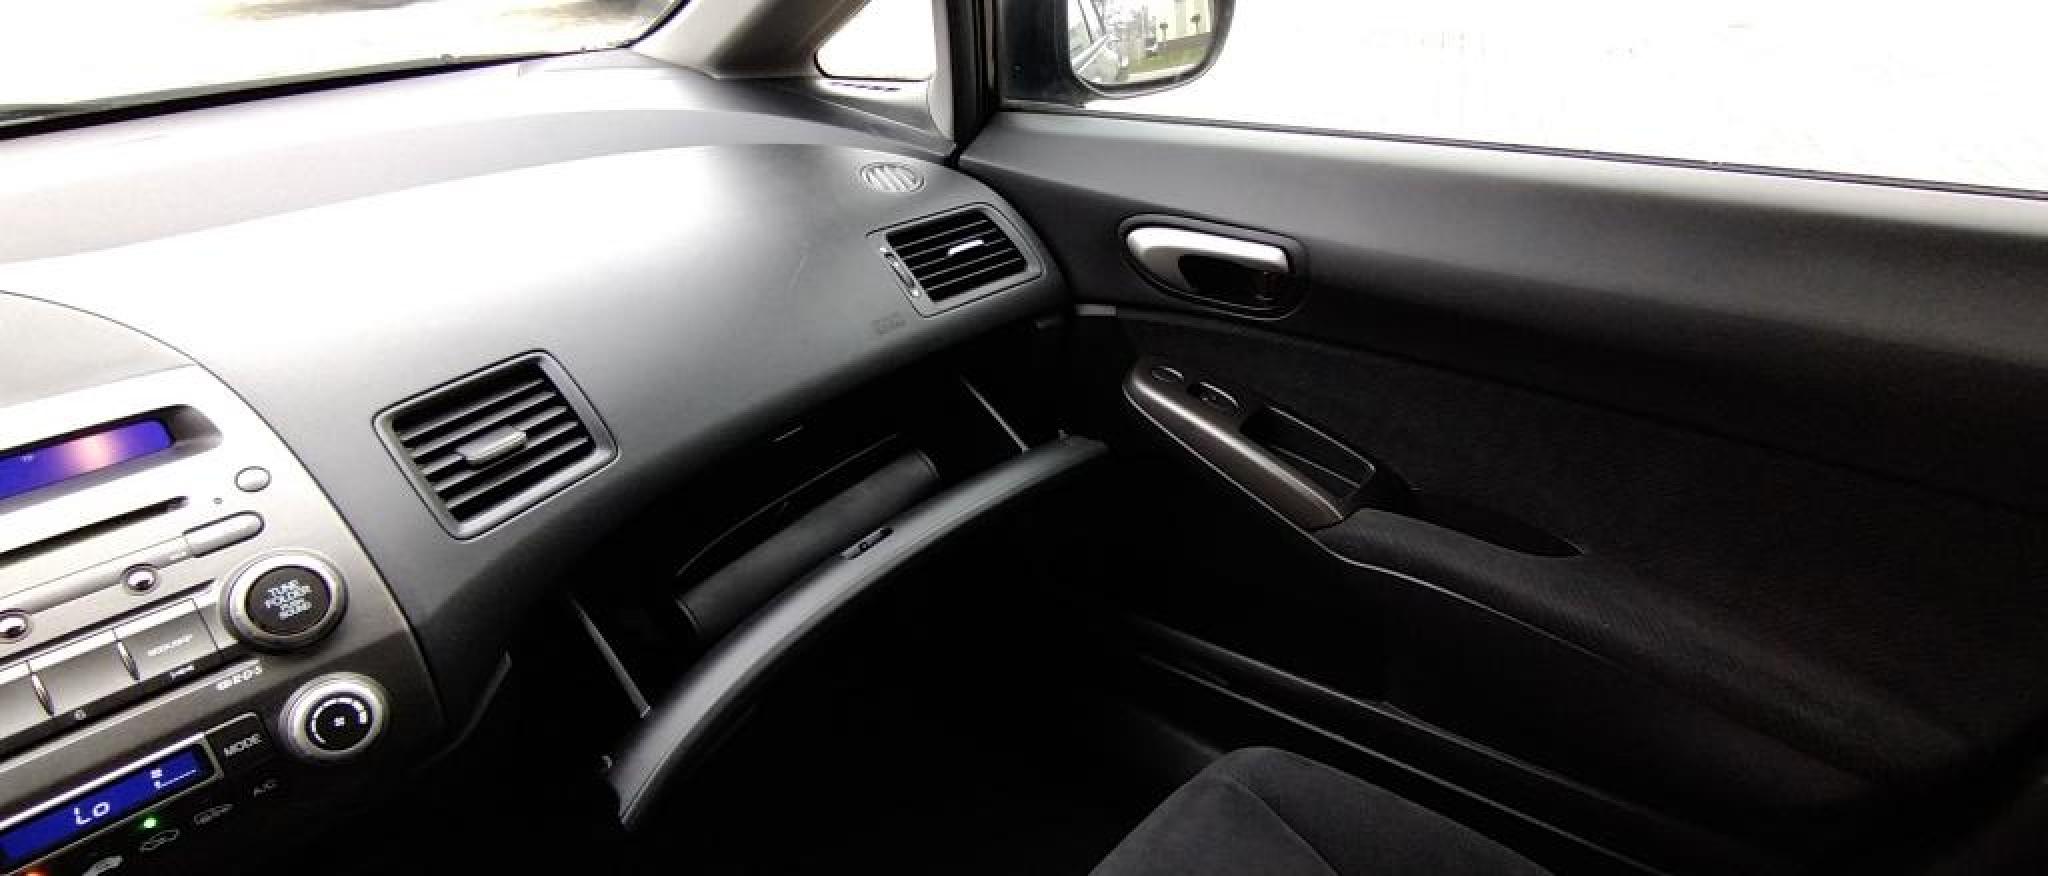 Honda-Civic-18